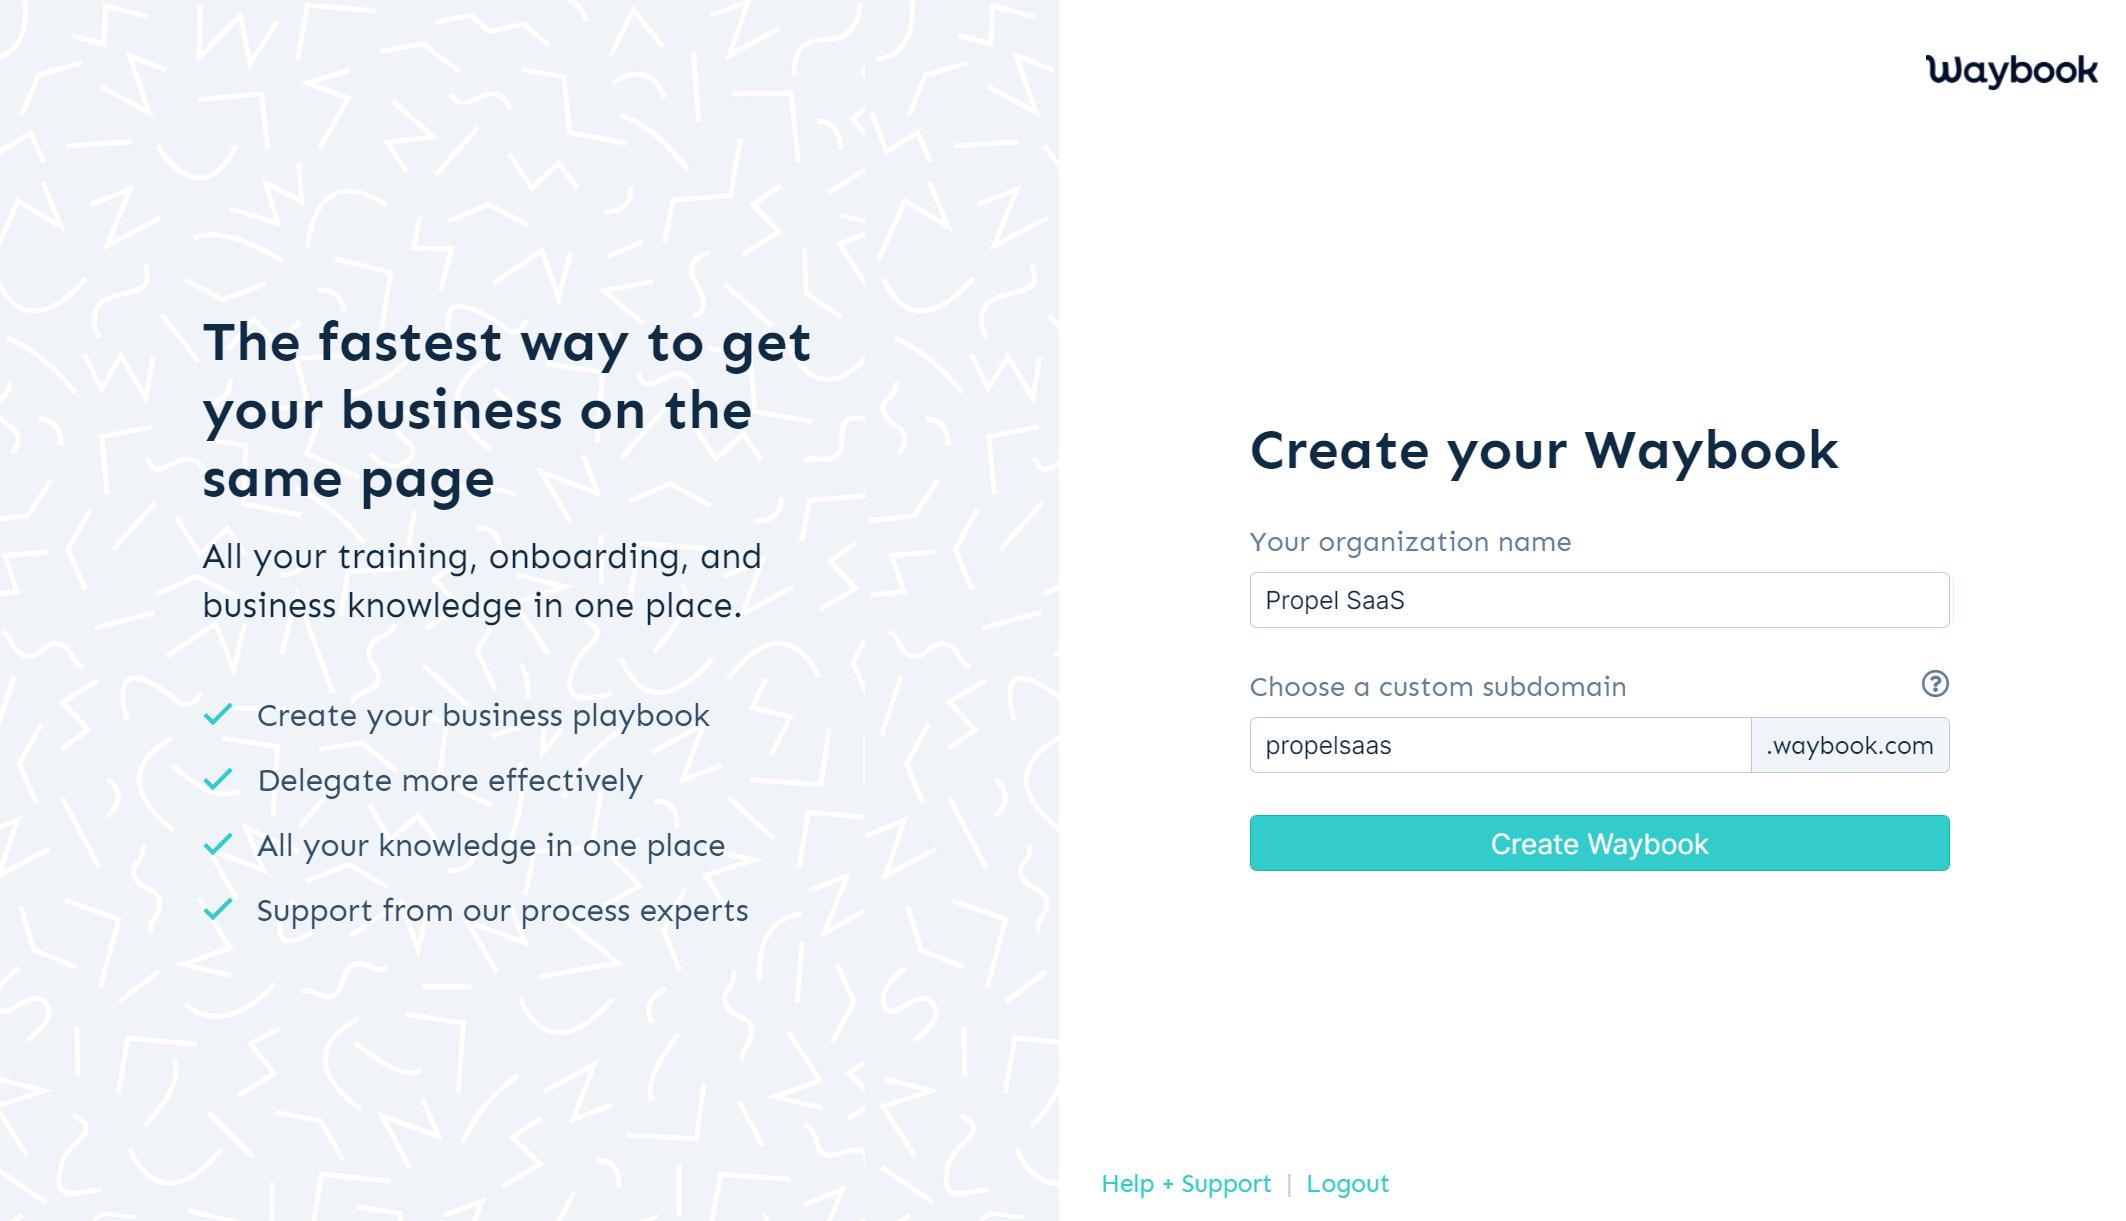 Waybook - Sign up